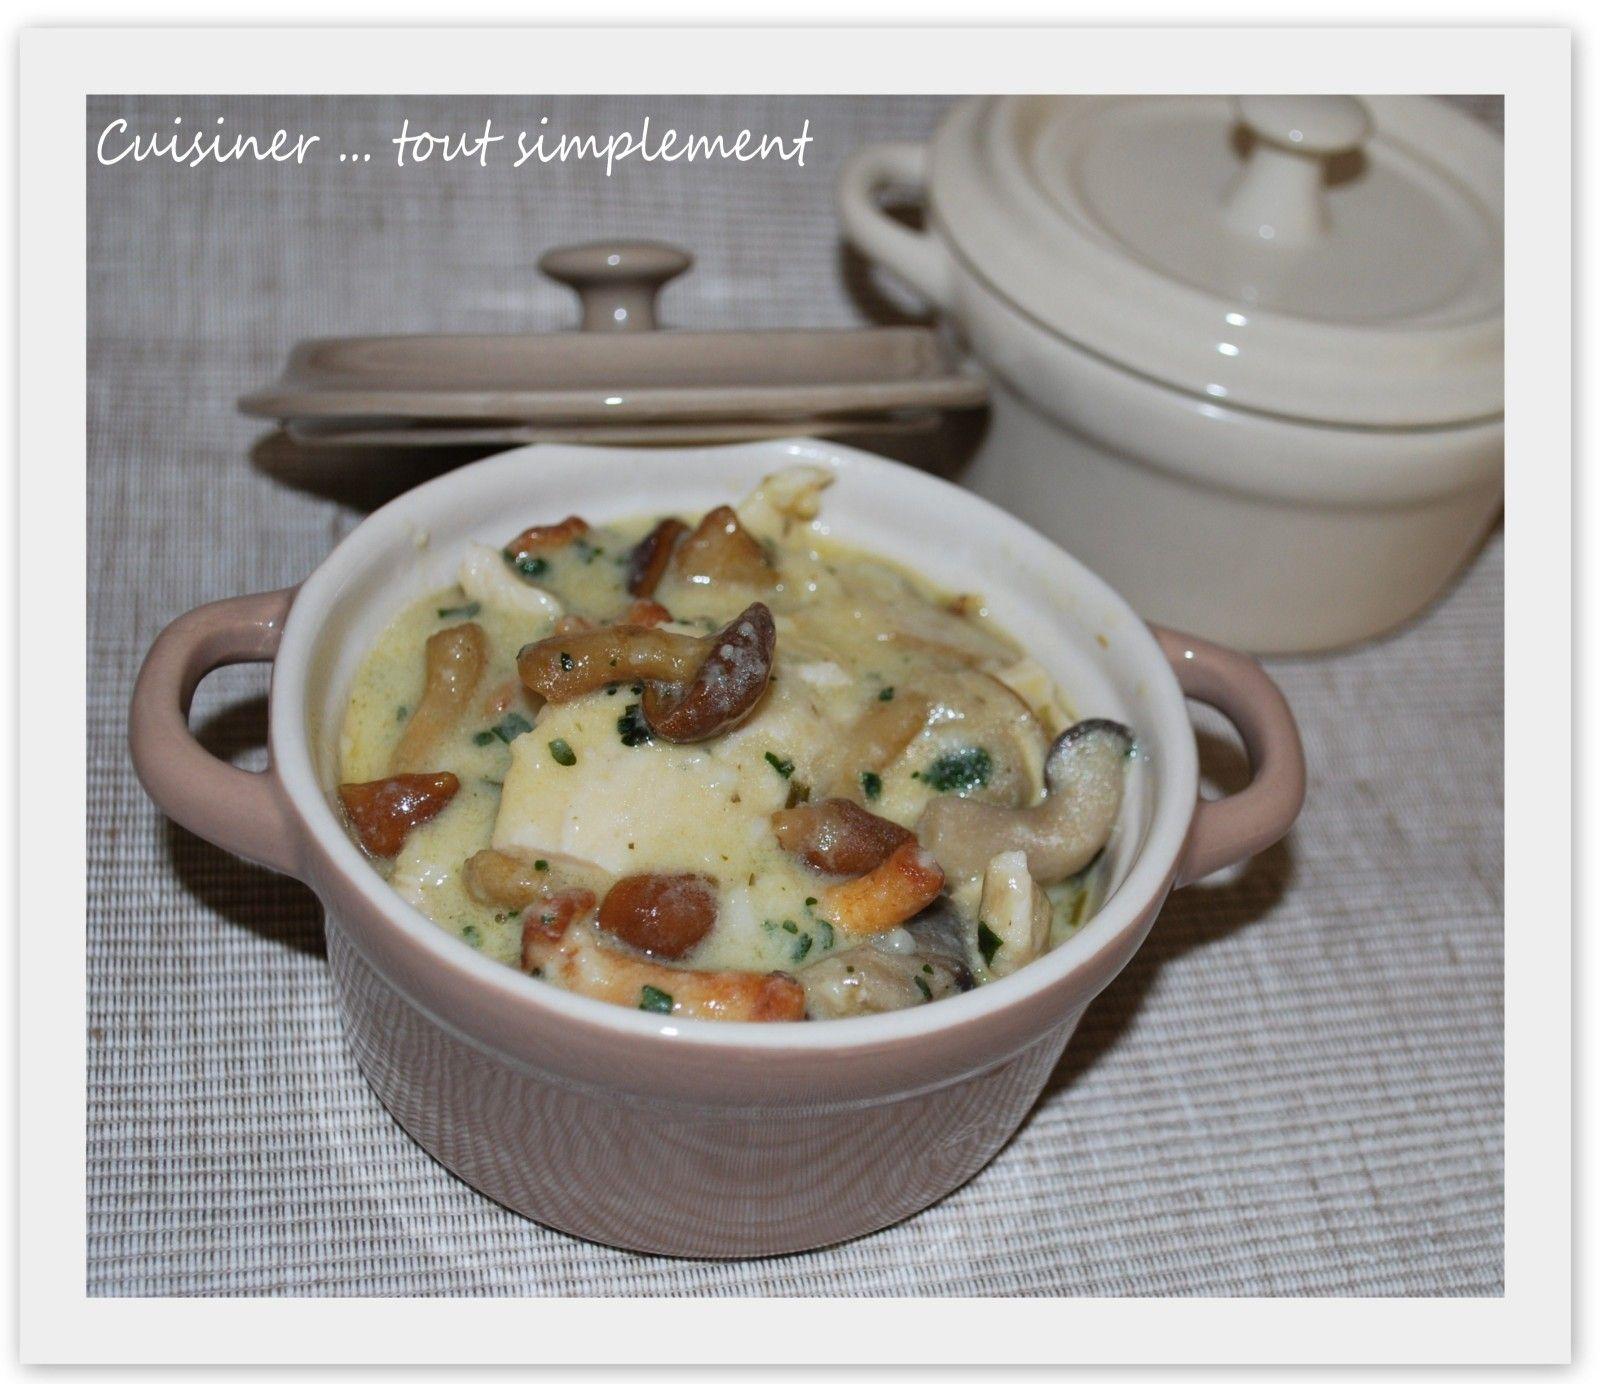 Emincé de Poulet au Riesling et aux Champignons - Cuisiner... tout Simplement, Le Blog de cuisine de Nathalie